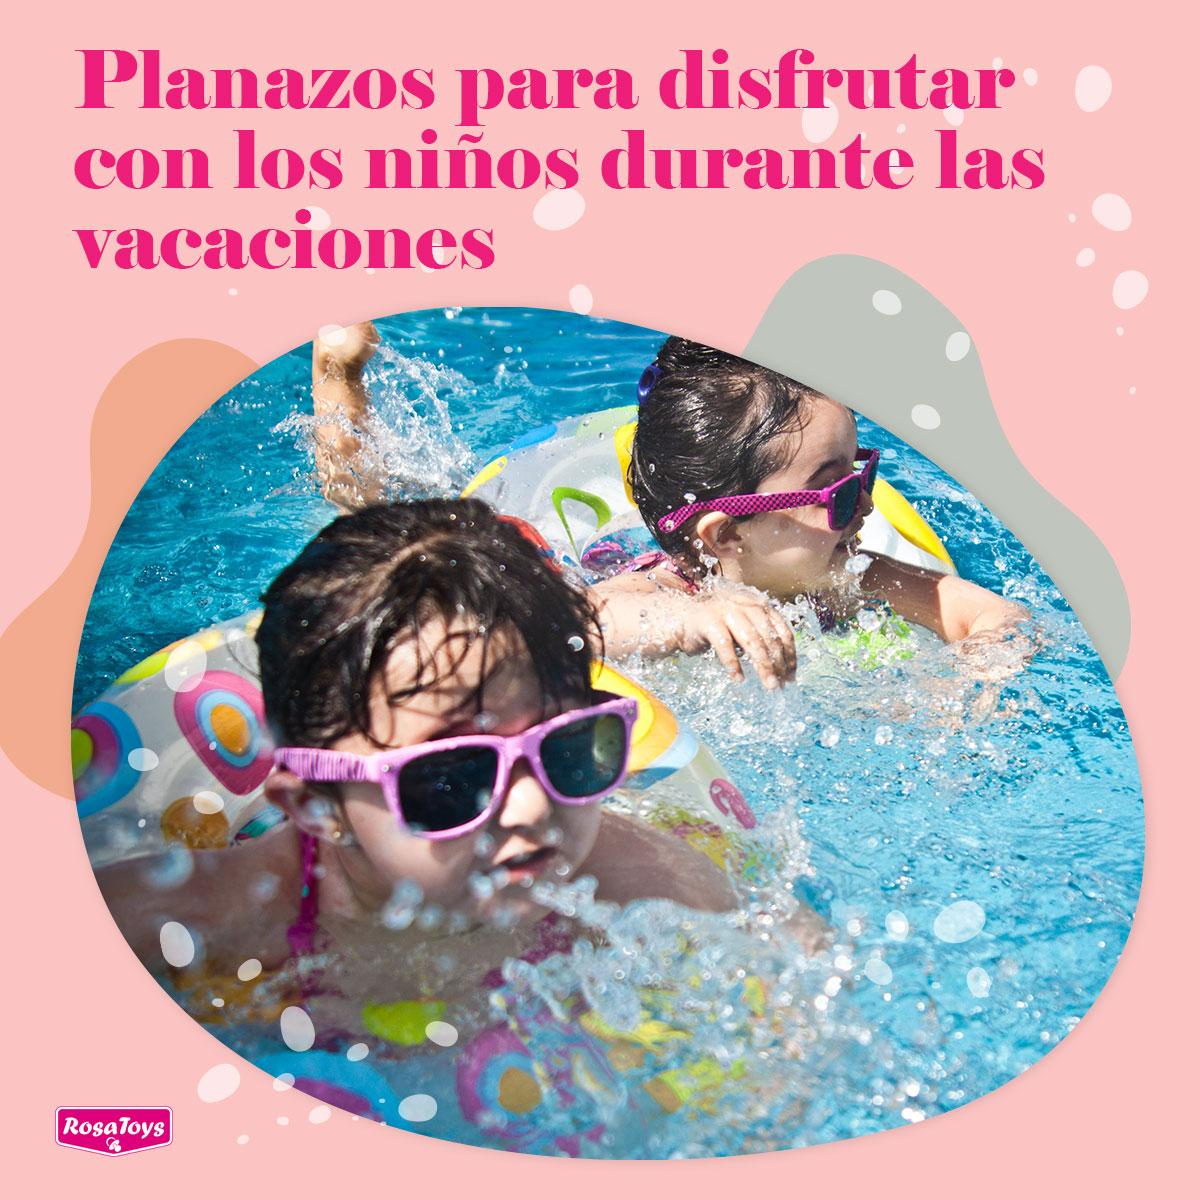 Planazos para disfrutar con los niños en verano